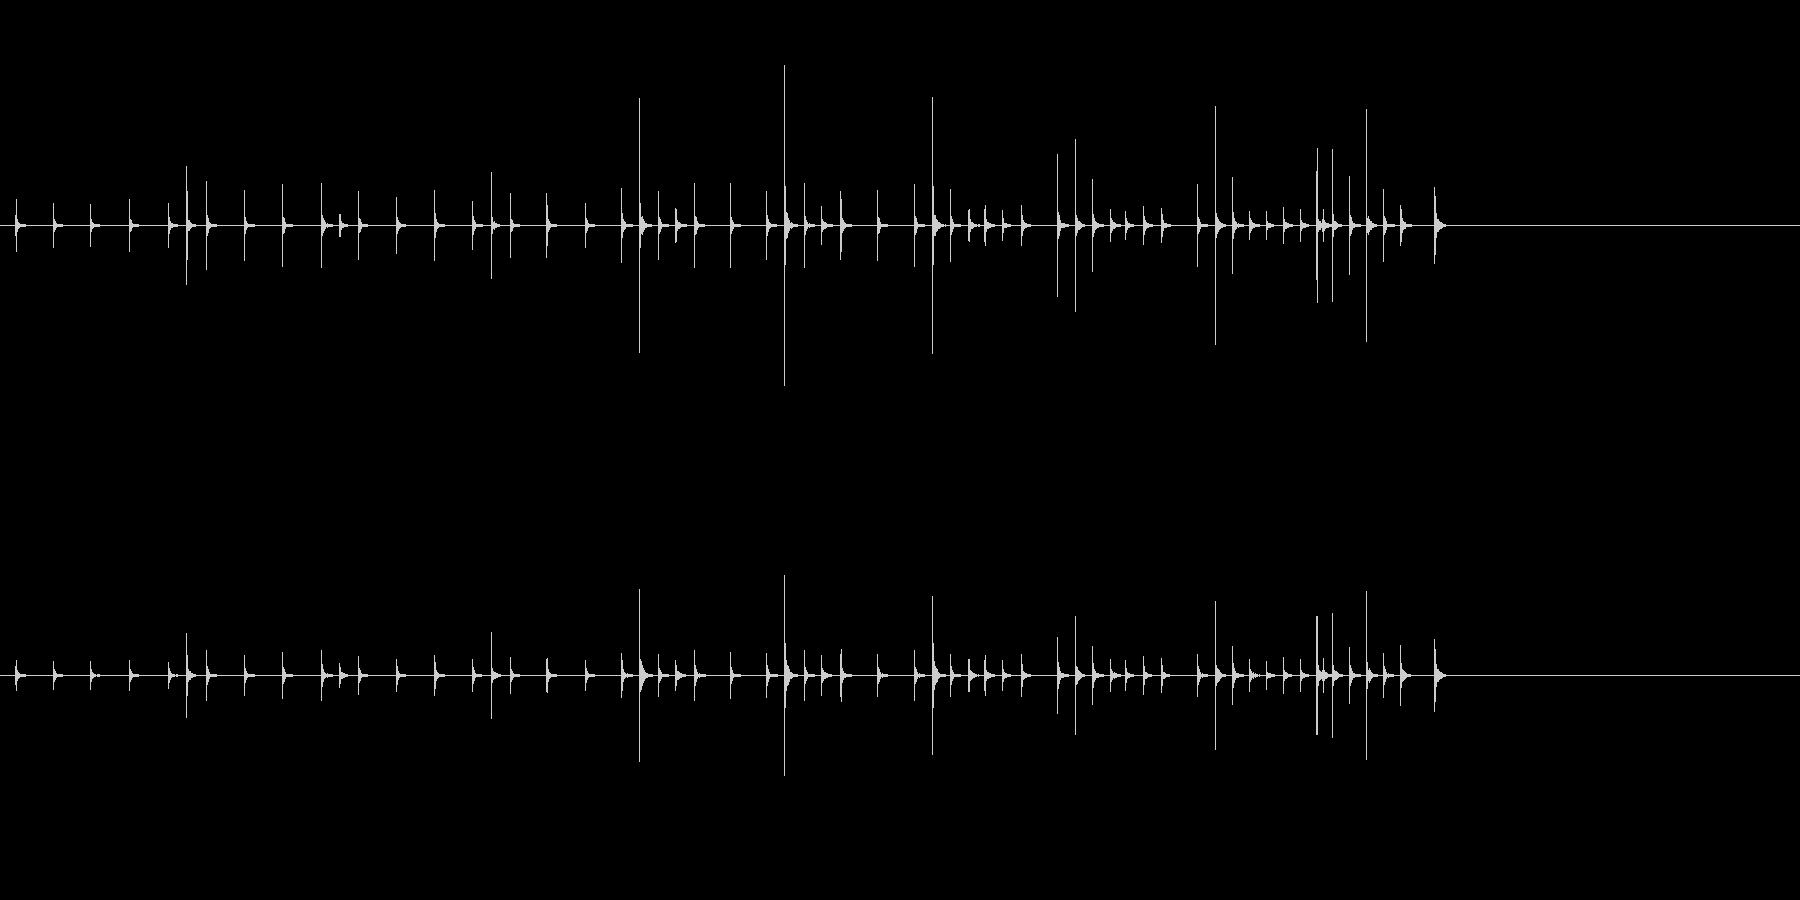 小木魚木章12歌舞伎黒御簾下座音楽和風日の未再生の波形